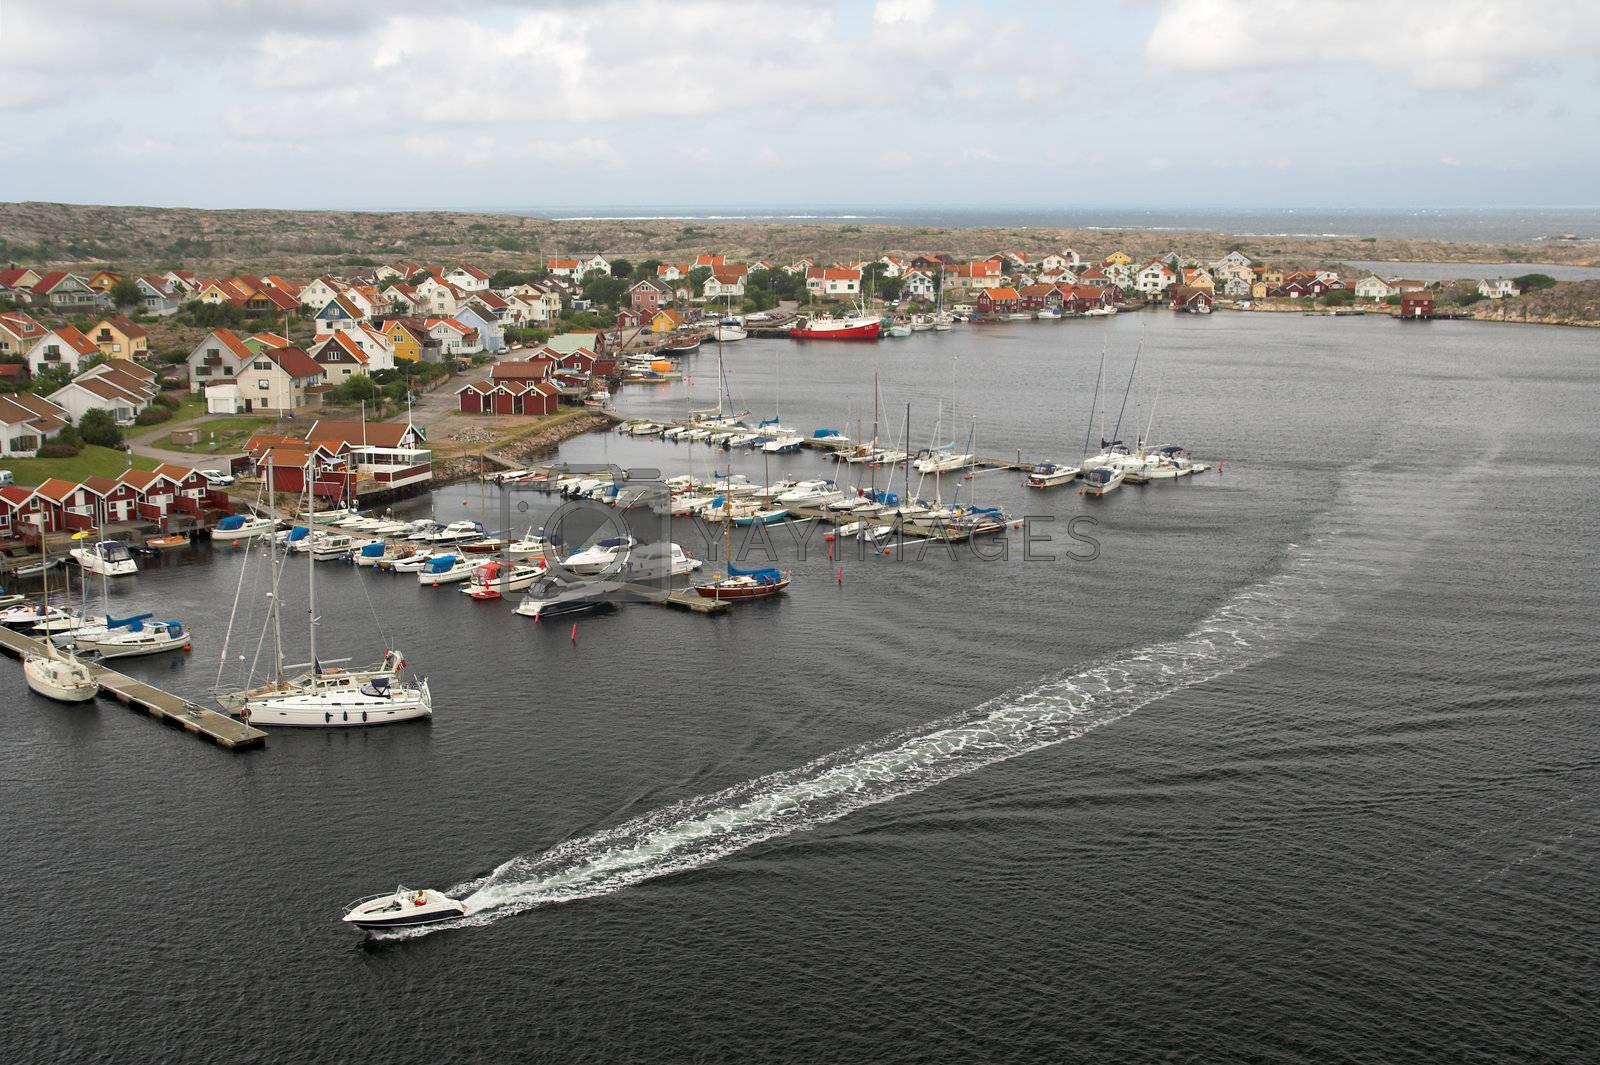 Yacht passing along the marina of a Swedish fishermen village.